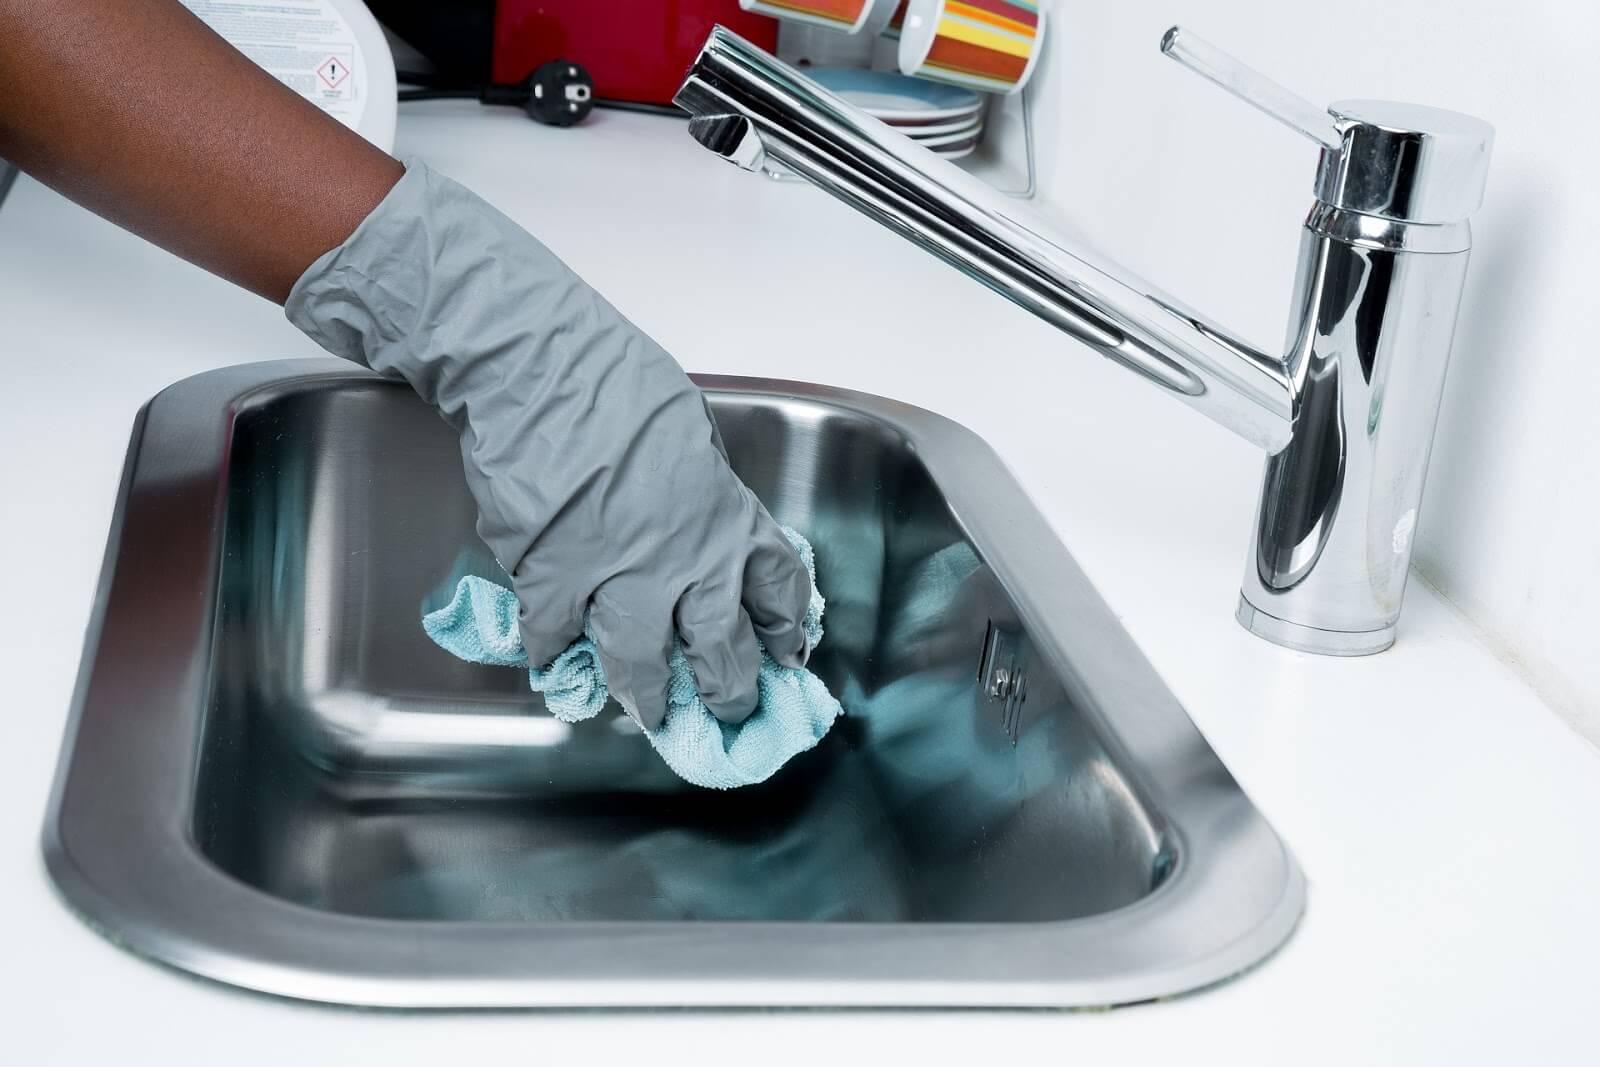 Trabajos de limpieza de la casa: Una mano que lleva un guante de limpieza limpia frega un fregadero